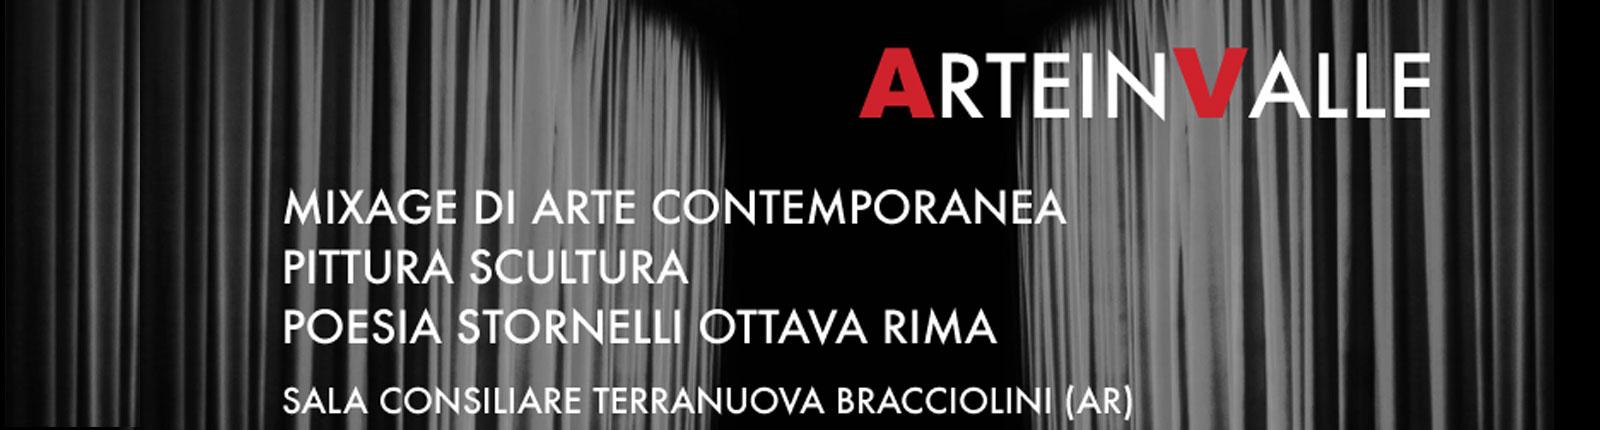 """""""Arte in Valle"""": arte contemporanea, pittura, scultura, poesia, strornelli e ottava rima"""